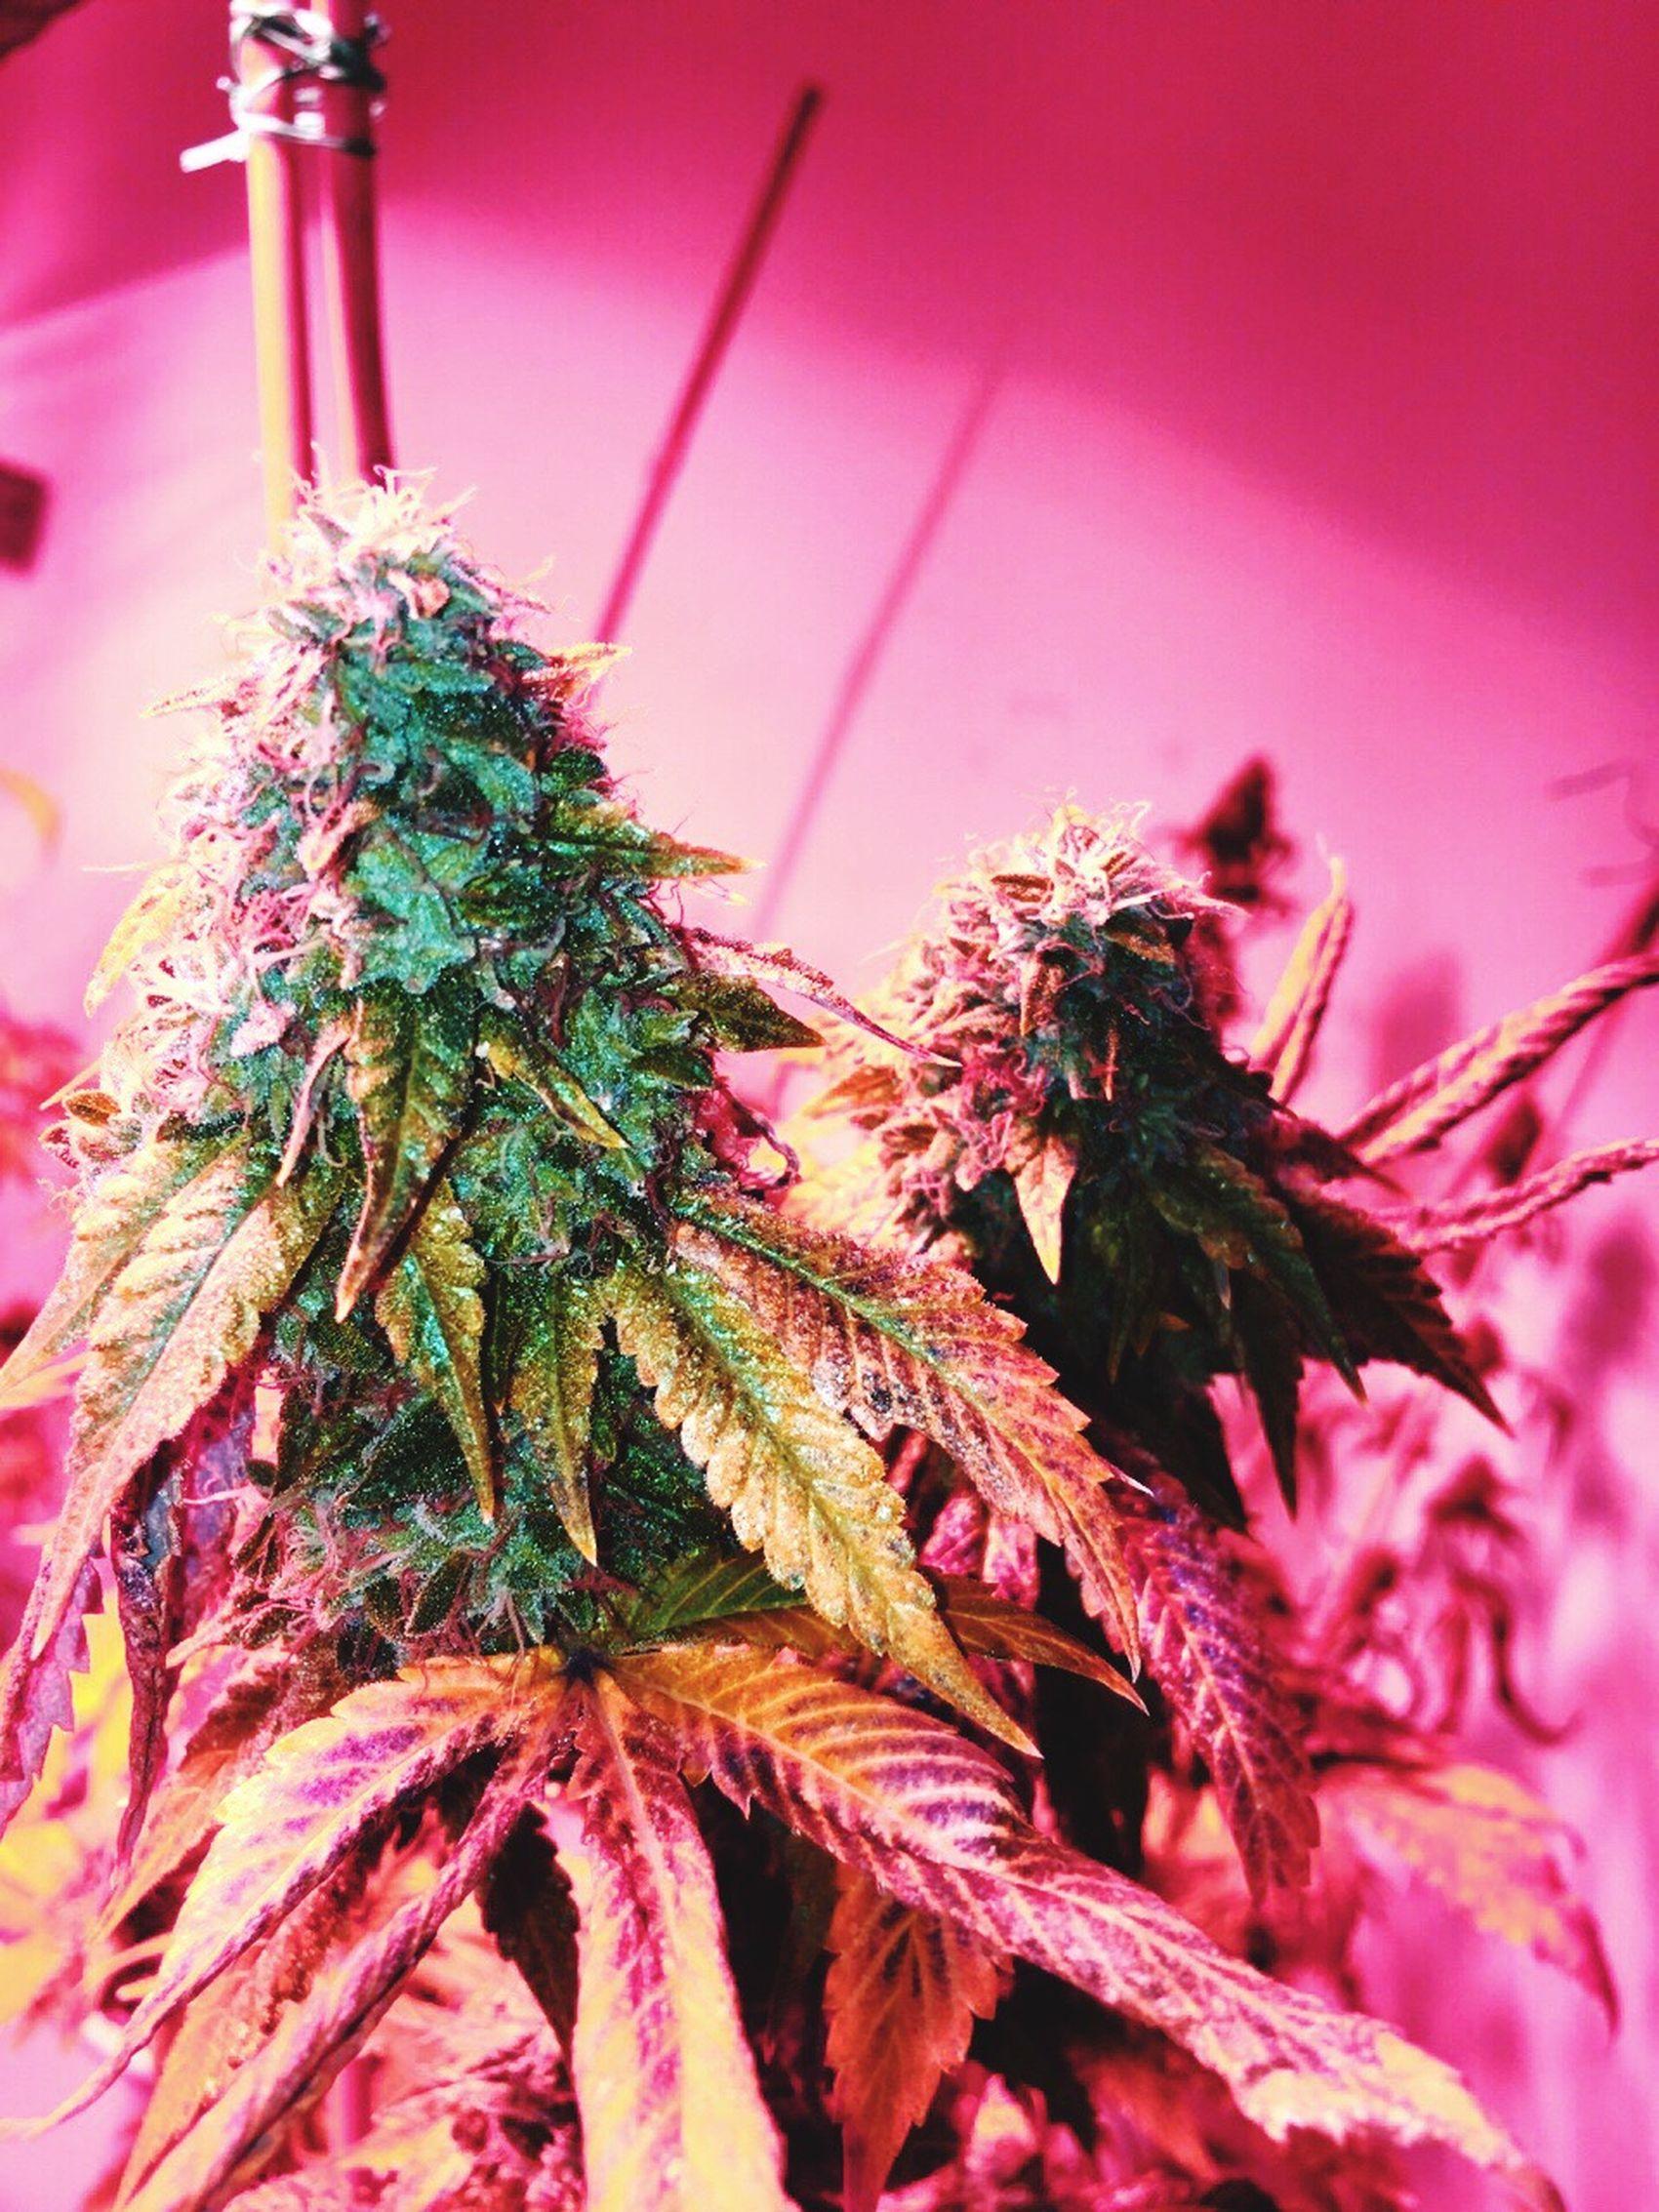 Strawberry Kush Grow Your Own Strawberry Strawberry Kush Girl Scout Cookies Marijuana Ganja Dank Topshelflife Girls Who Smoke Girlswhogrow